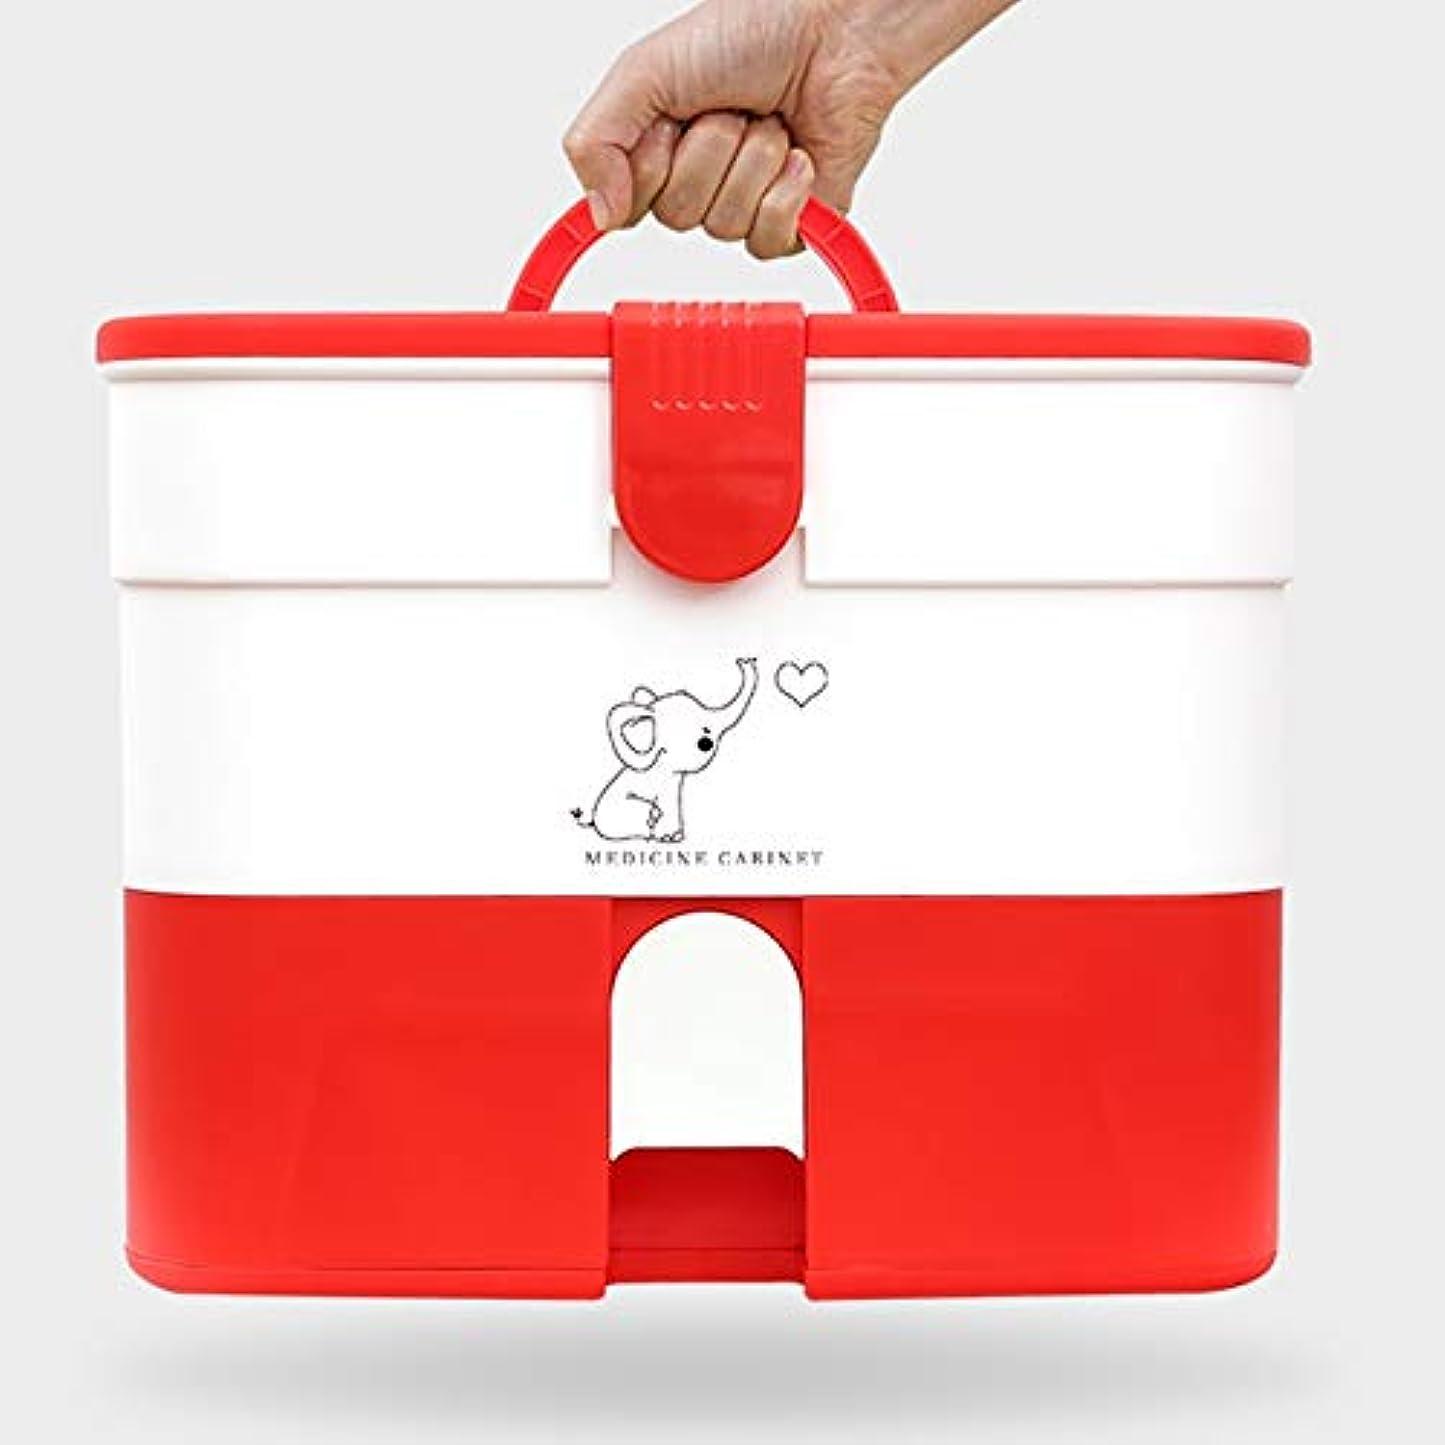 ブース熟読する算術Yxsd 応急処置キット 家庭用応急処置キットロック可能な医療キャビネット、家庭用プラスチック医療収納ボックスオーガナイザー、旅行職場 (Color : Red)